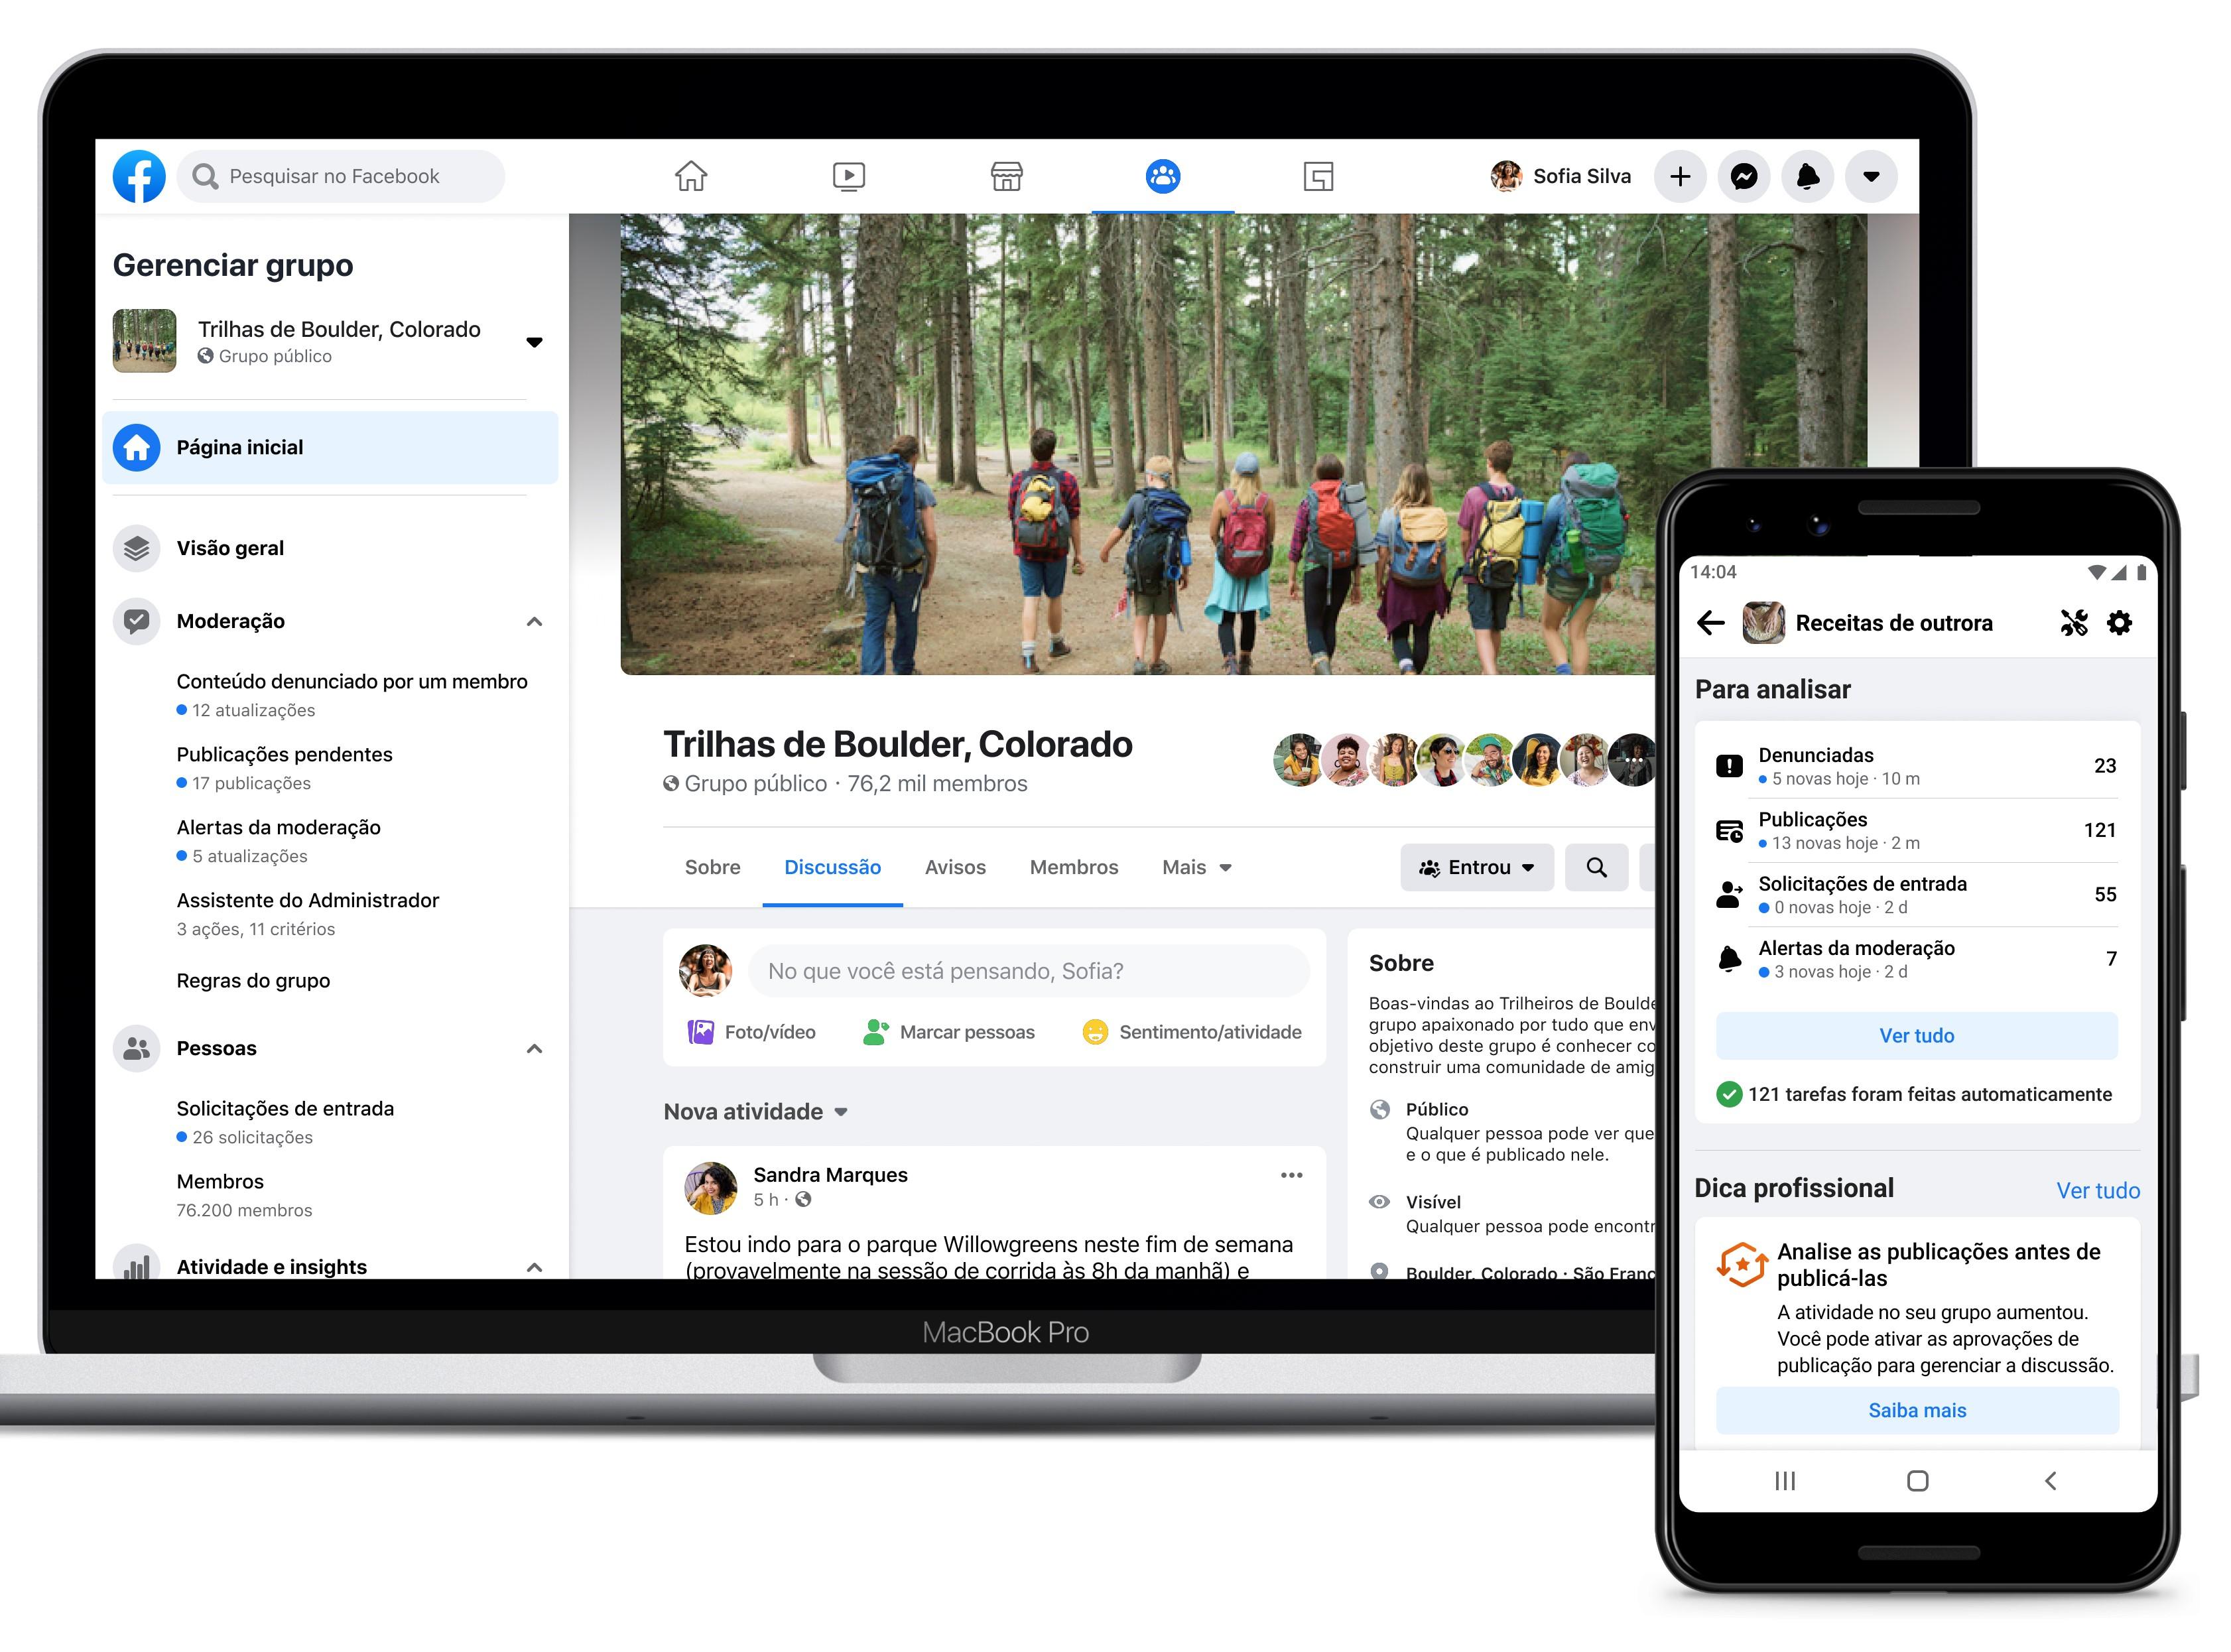 Facebook libera novos recursos para administradores controlarem o que é publicado em grupos